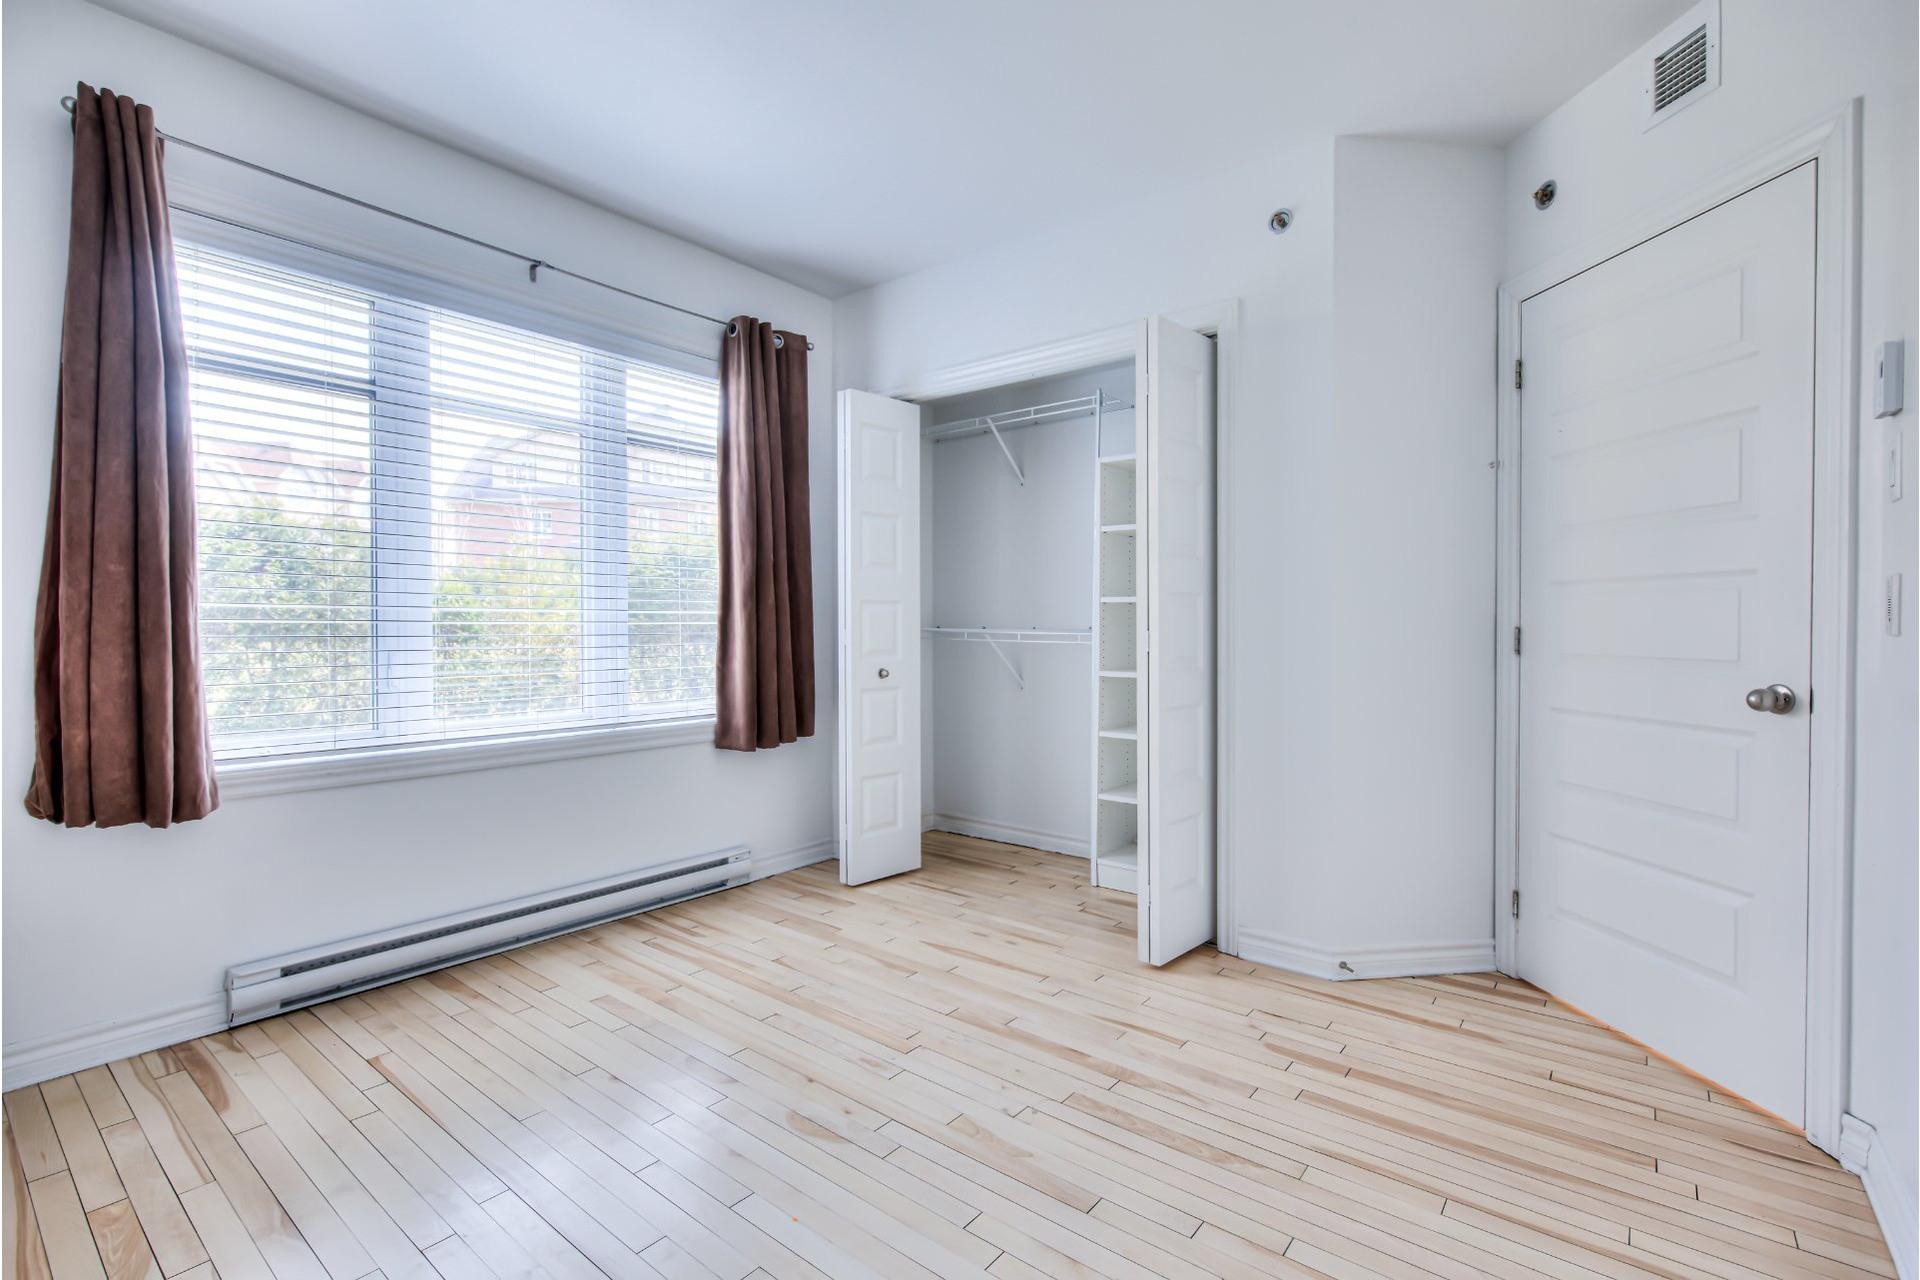 image 13 - Apartment For sale Saint-Laurent Montréal  - 6 rooms